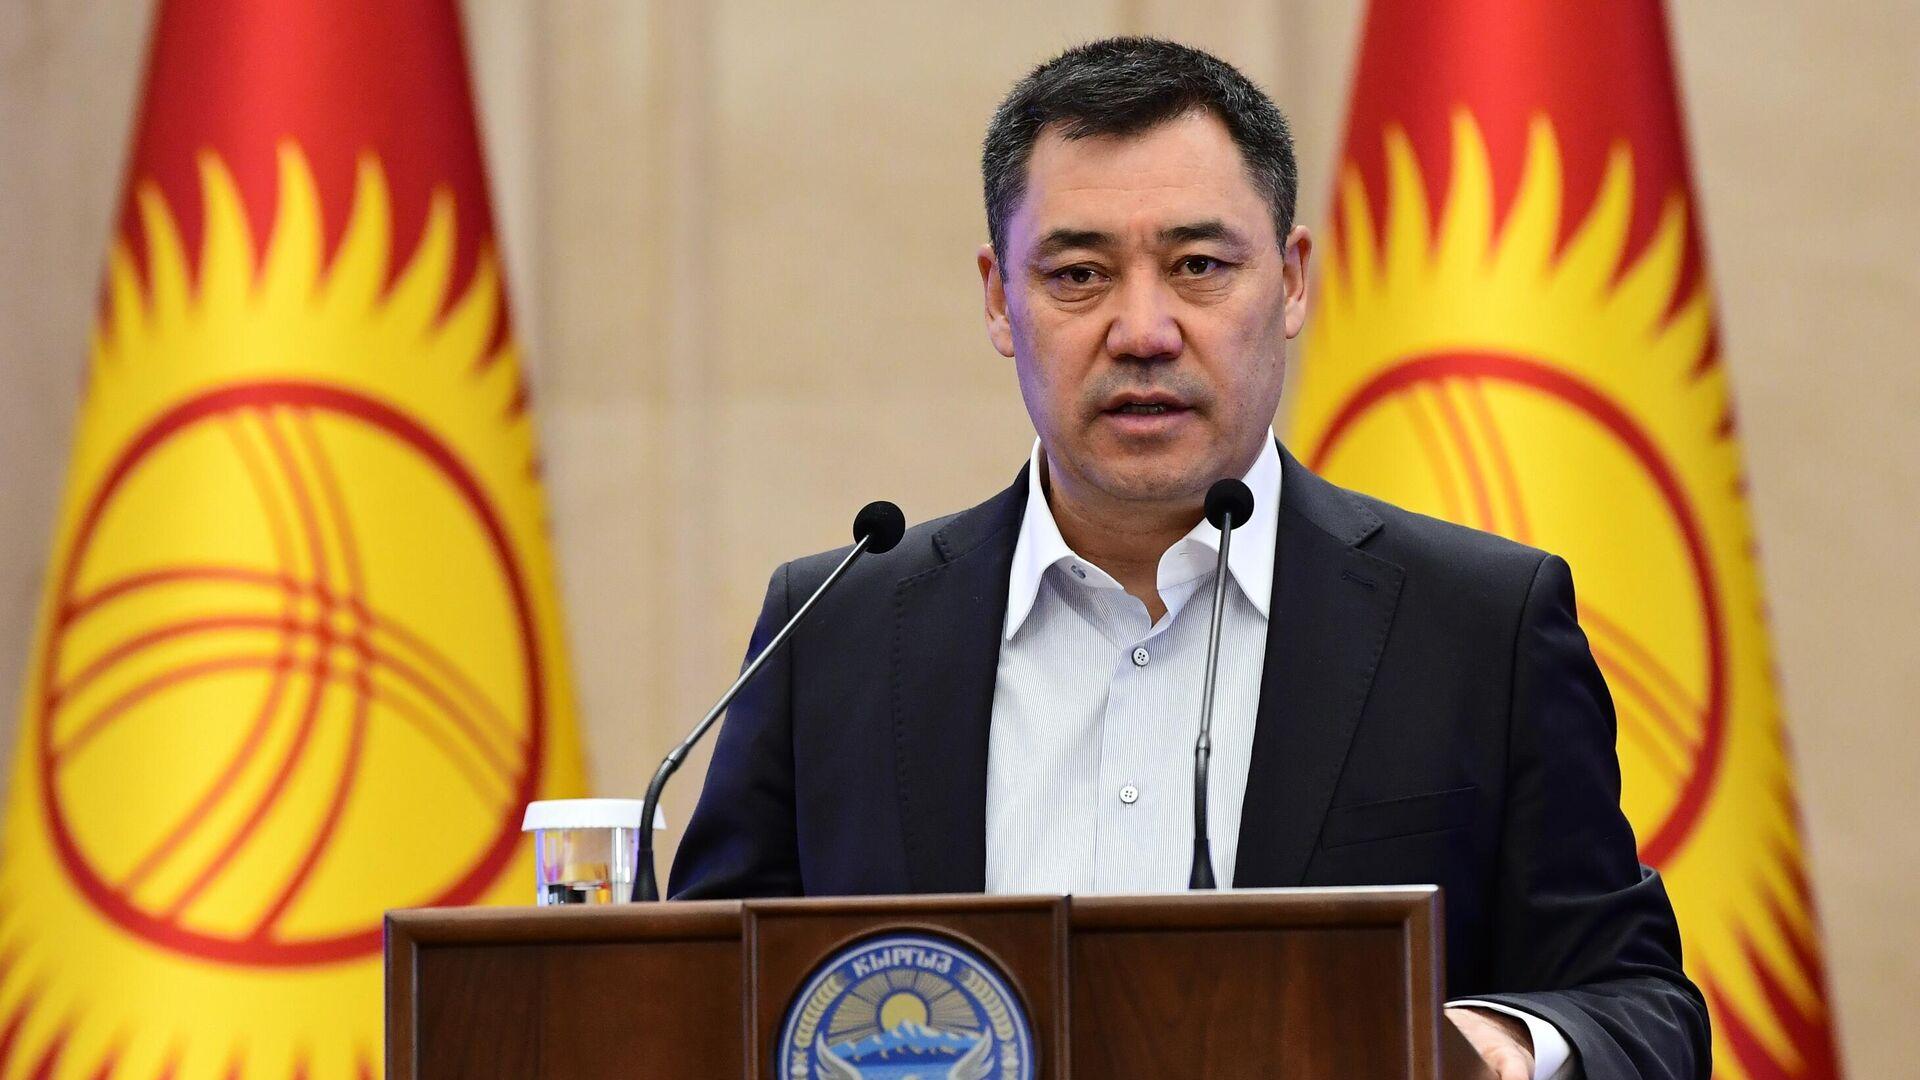 Премьер-министр Киргизии Садыр Жапаров выступает на внеочередном заседании парламента в Бишкеке - РИА Новости, 1920, 26.10.2020